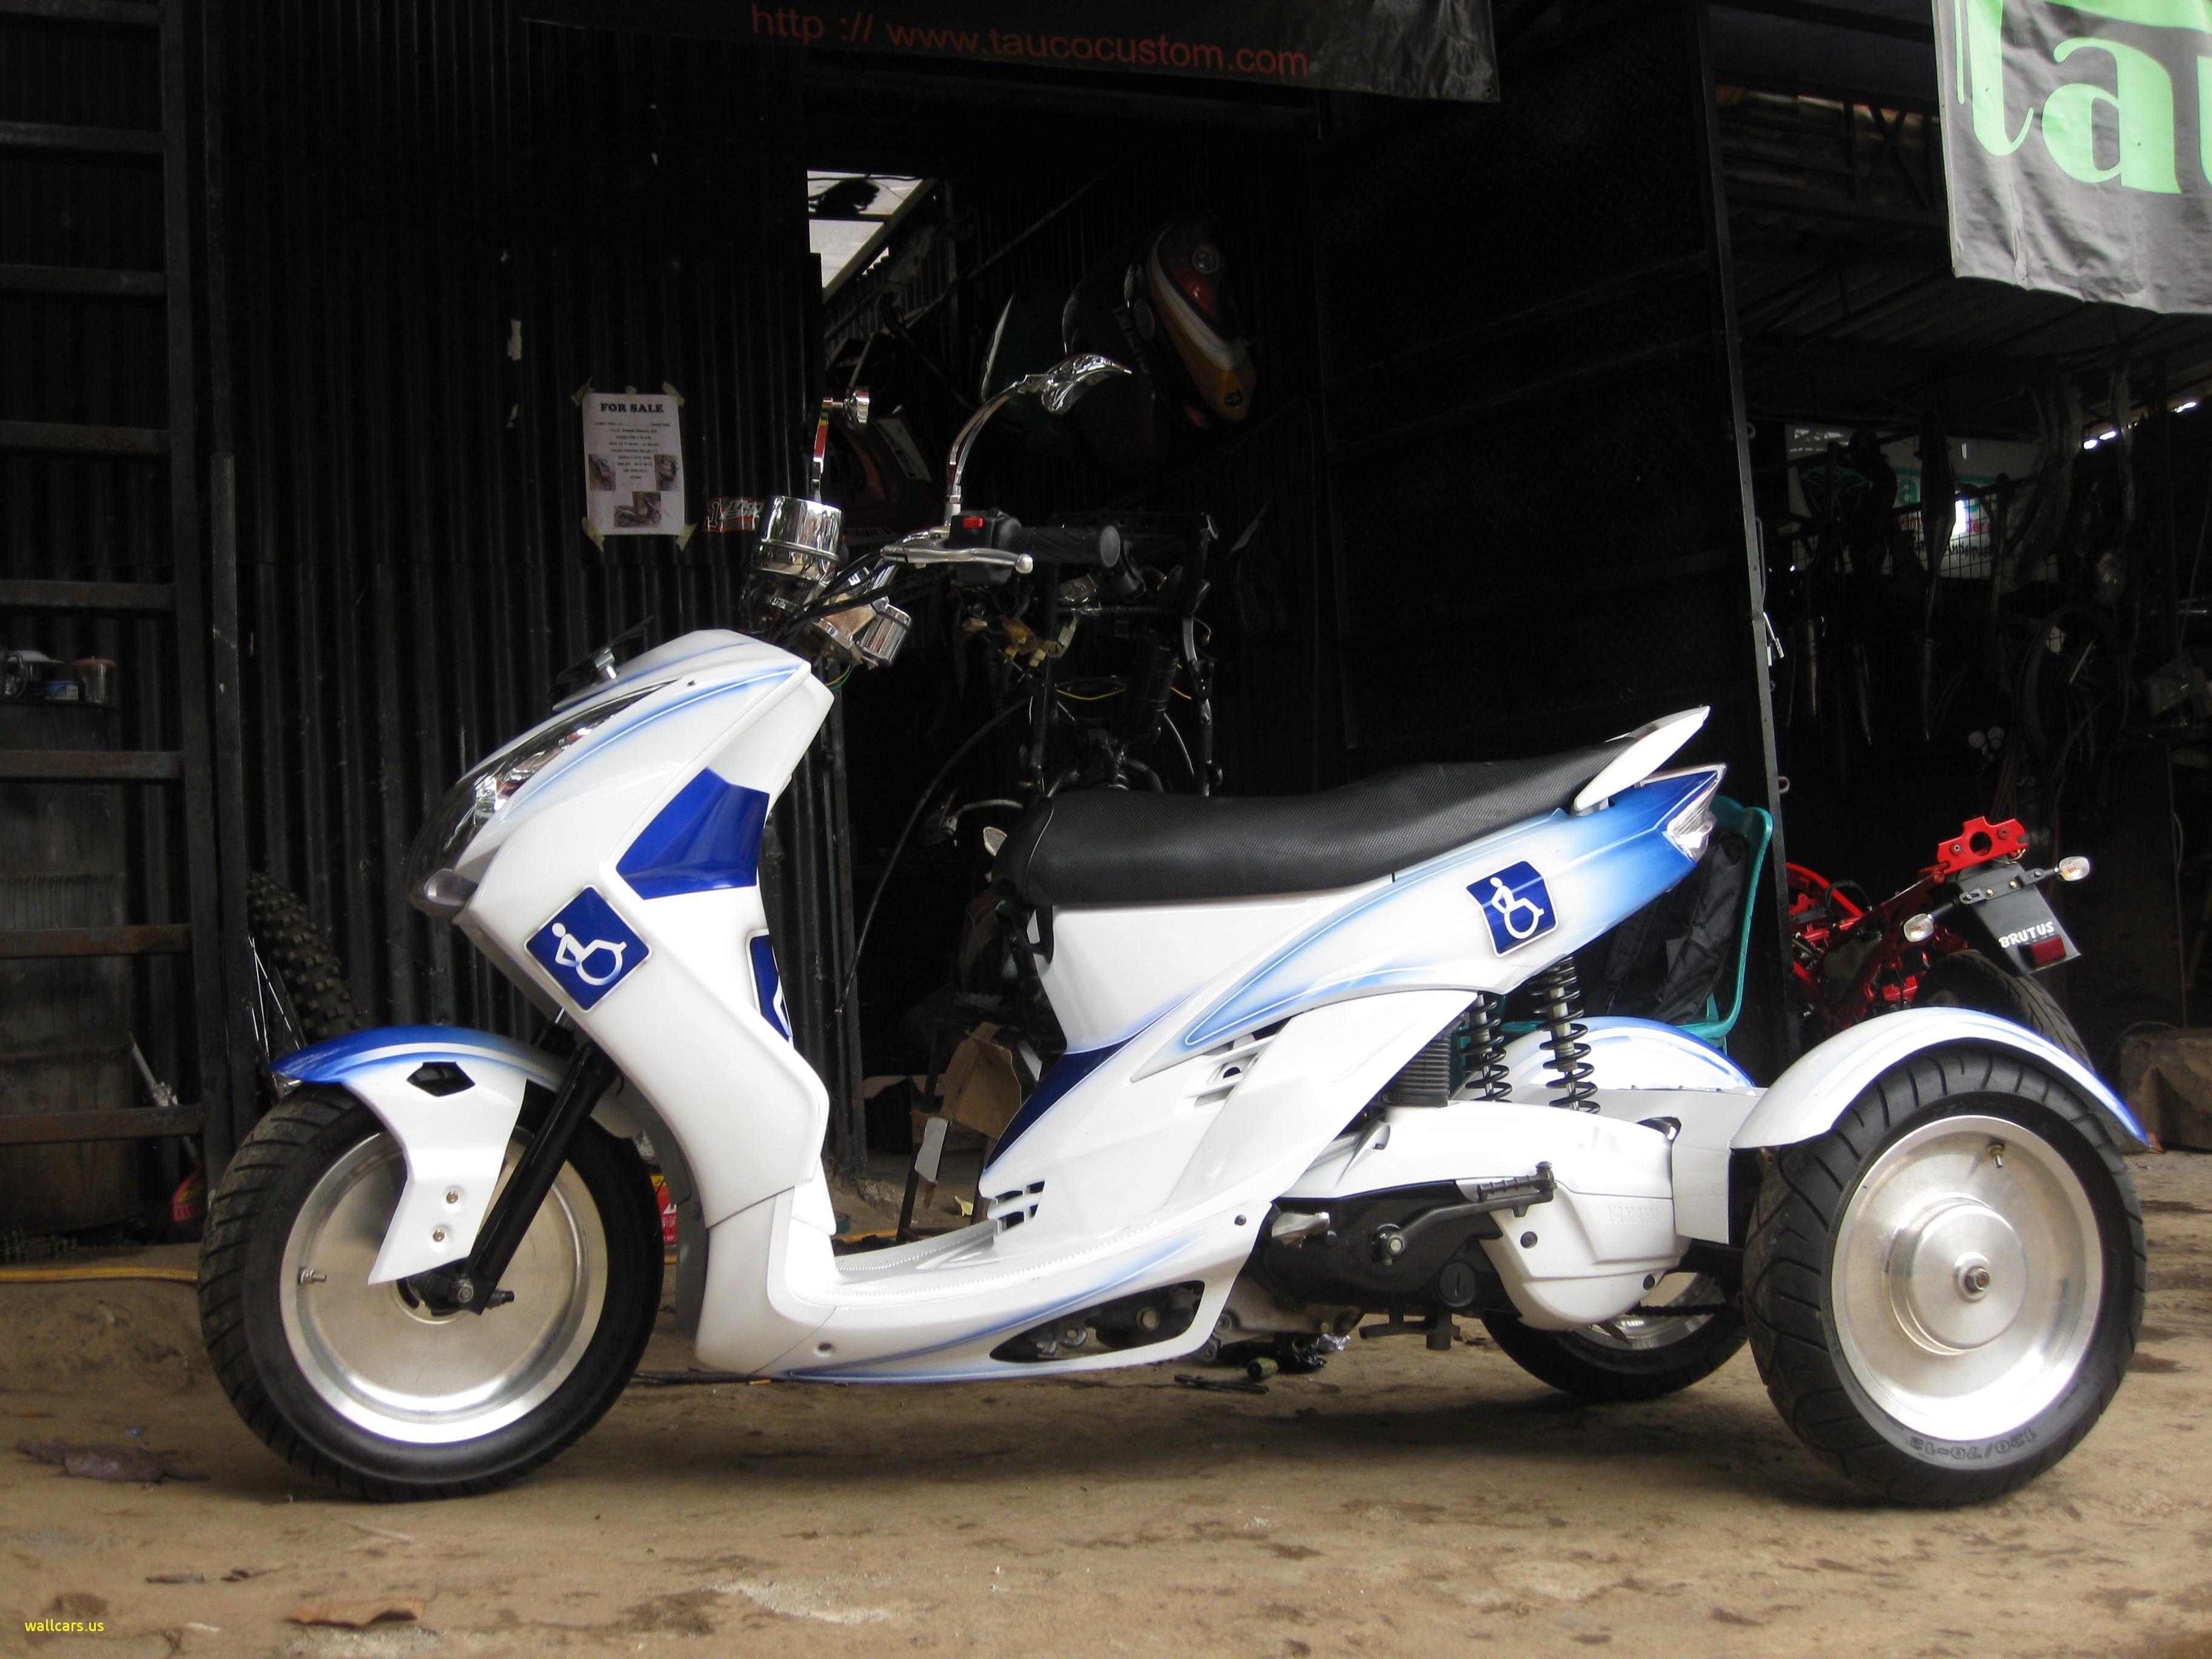 Inspirational Harga Honda F6b Indonesia Motori, Rodi